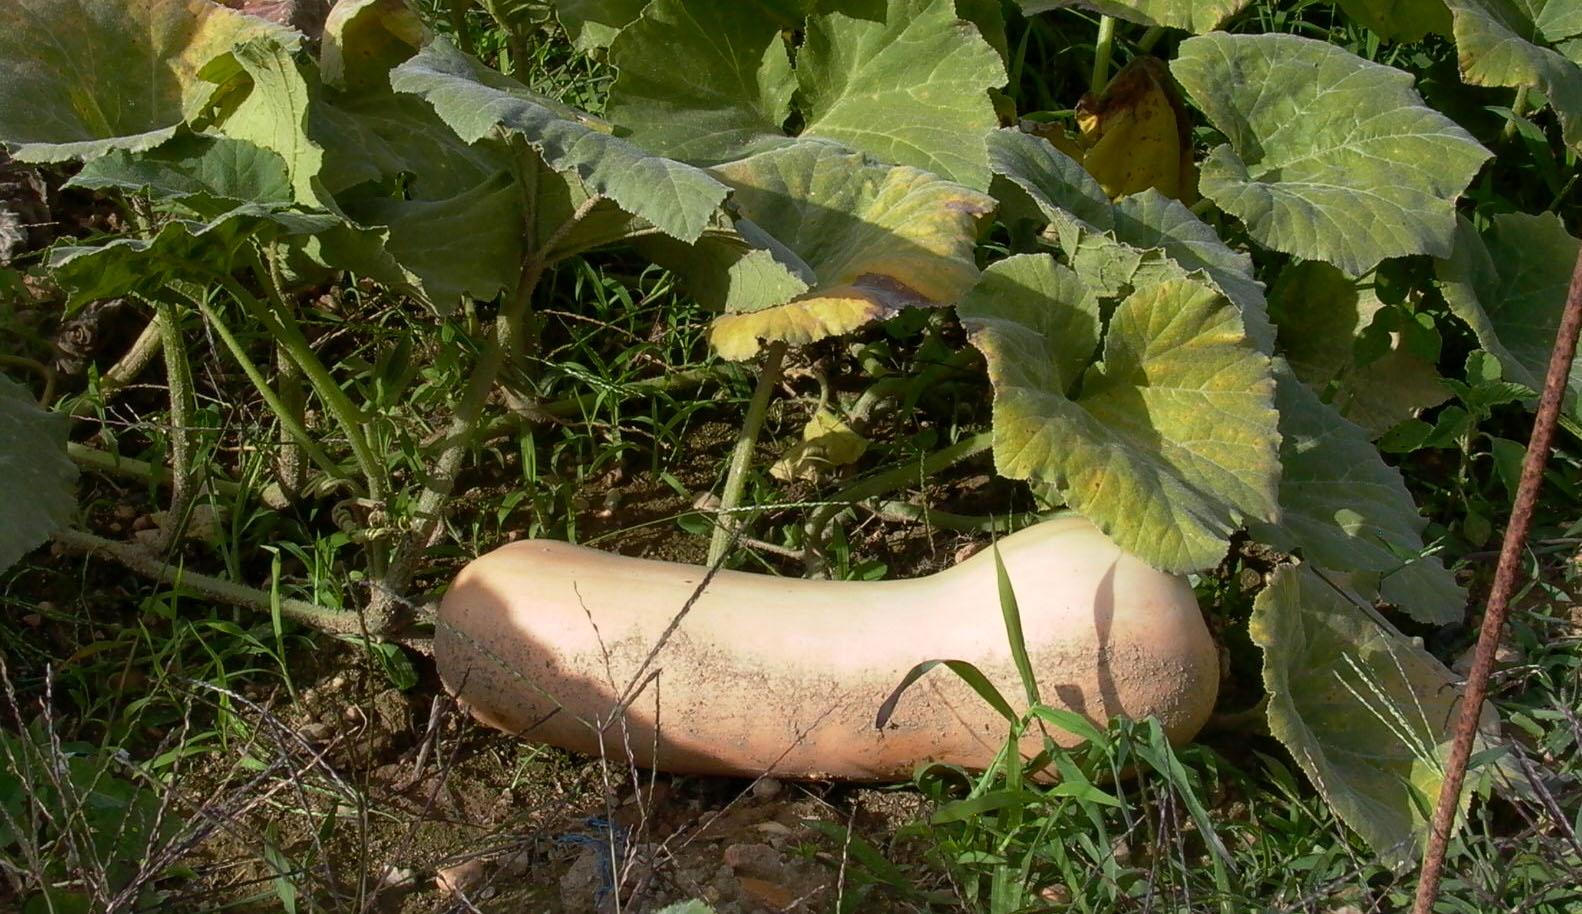 Butternut un succ s largement m rit jardin pratique - Comment cuisiner courge butternut ...